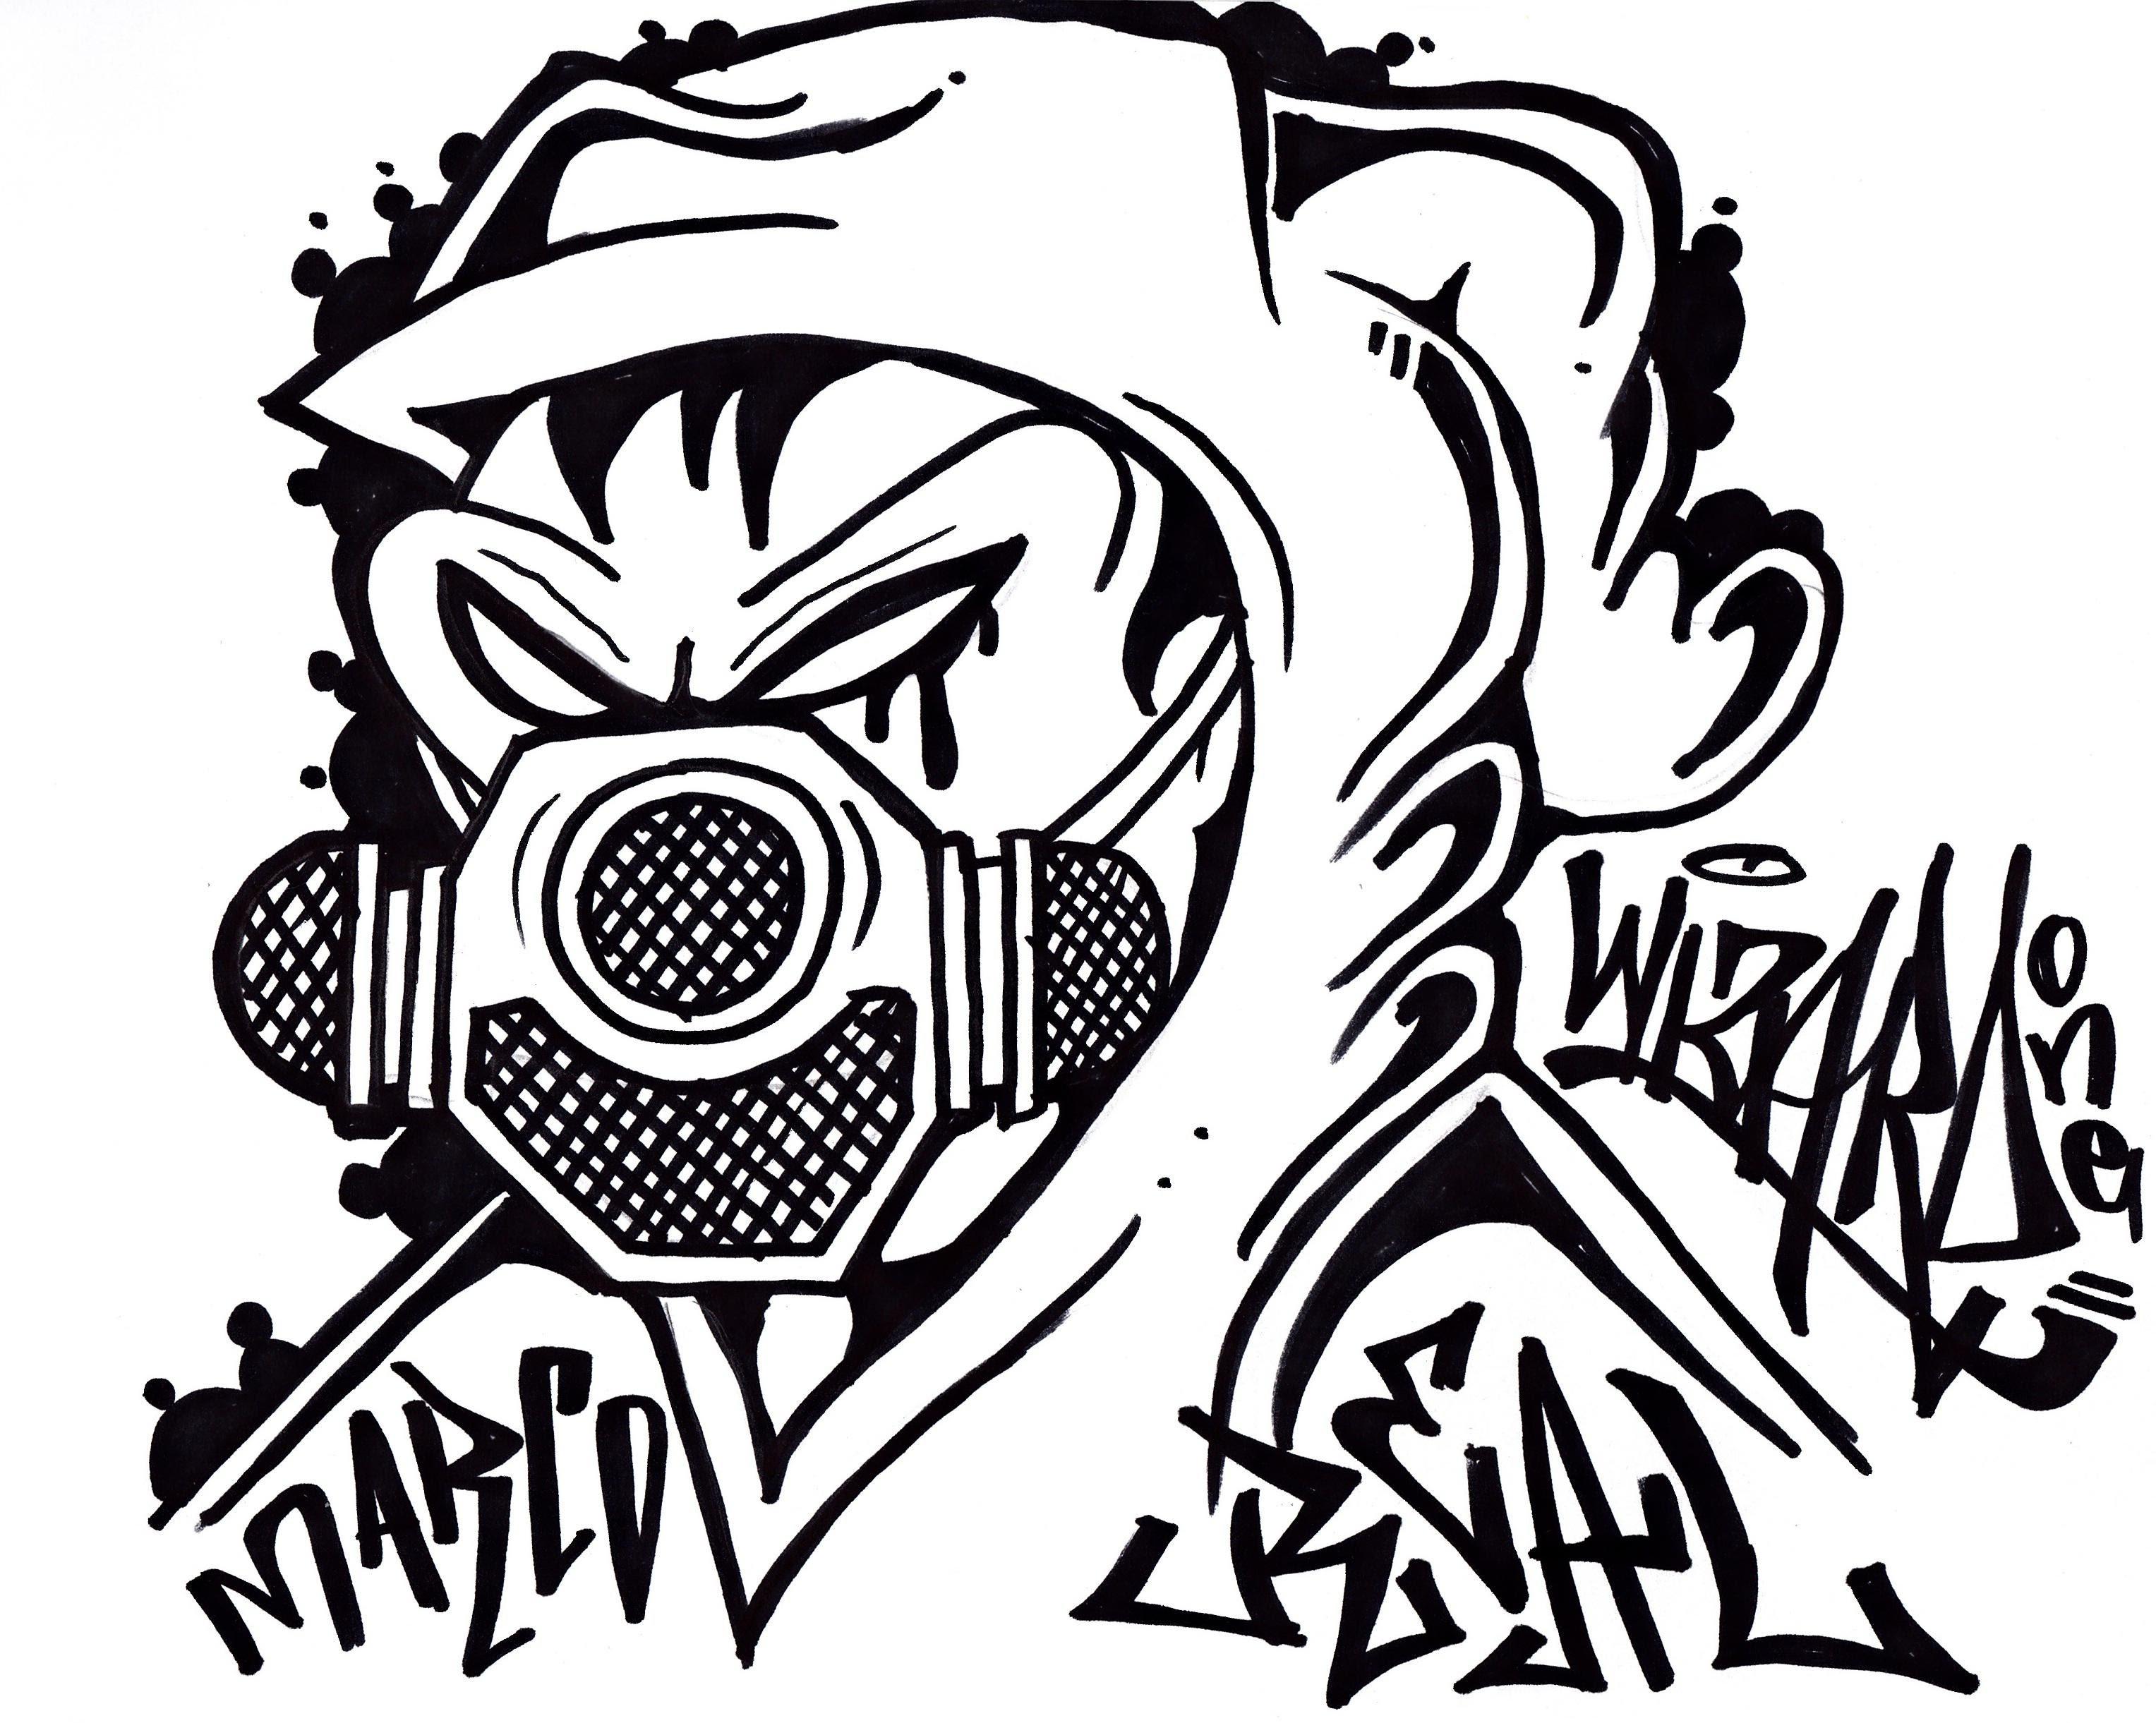 3055x2442 how to draw graffiti art how to draw graffiti art draw graffiti